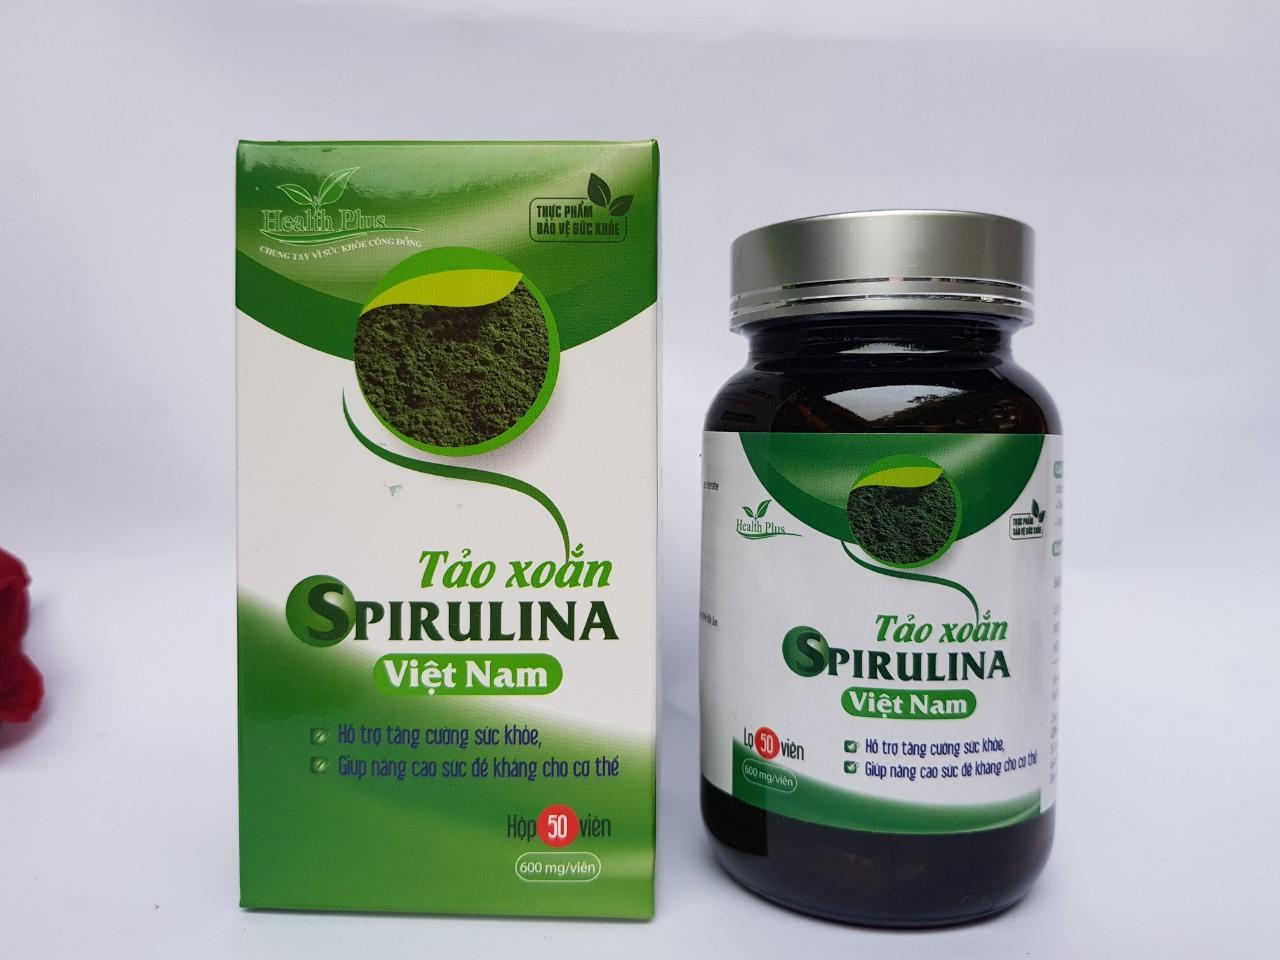 Tảo xoắn spirulina Việt Nam -Healthplus hỗ trợ tăng cường sức khỏe, nâng cao sức đề kháng, dùng cho người gầy yêu, thiếu dinh dưỡng, viên gan, tiểu đường, loét dạ dày, đục thủy tinh thể, dụng tóc, dưỡng da, làm đẹp -HP0003-atcare cao c